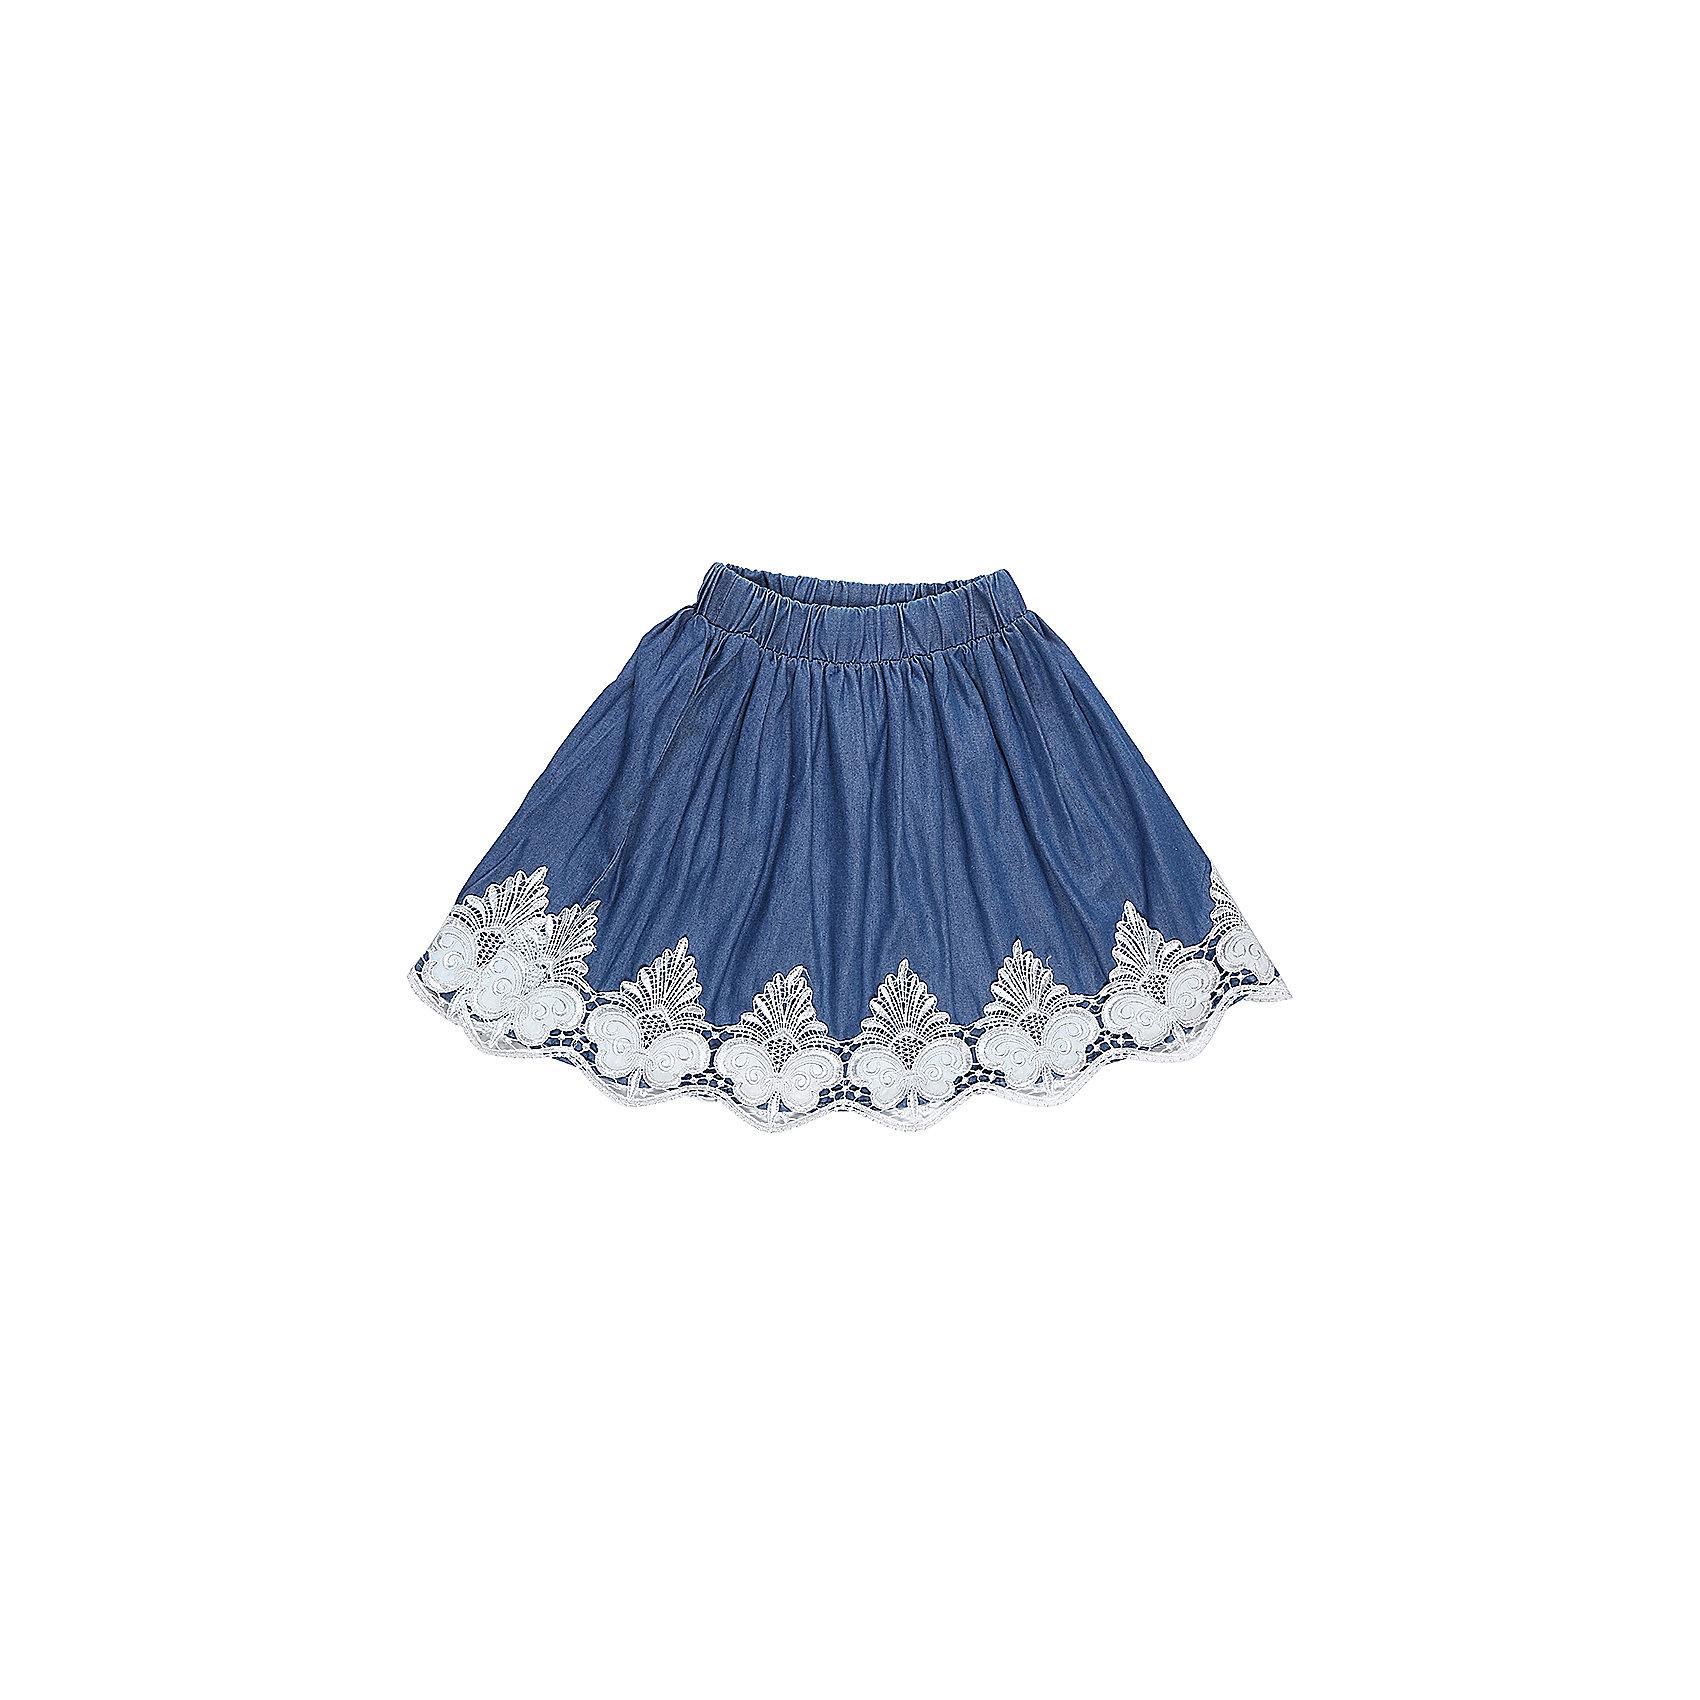 Юбка для девочки LuminosoОдежда<br>Текстильная юбка для девочки под джинсу. Низ изделия декорирован изящной вышиквкой и экокожей. Эластичный мягкий пояс.<br>Состав:<br>100%хлопок<br><br>Ширина мм: 207<br>Глубина мм: 10<br>Высота мм: 189<br>Вес г: 183<br>Цвет: синий<br>Возраст от месяцев: 96<br>Возраст до месяцев: 108<br>Пол: Женский<br>Возраст: Детский<br>Размер: 134,140,146,152,158,164<br>SKU: 5413340